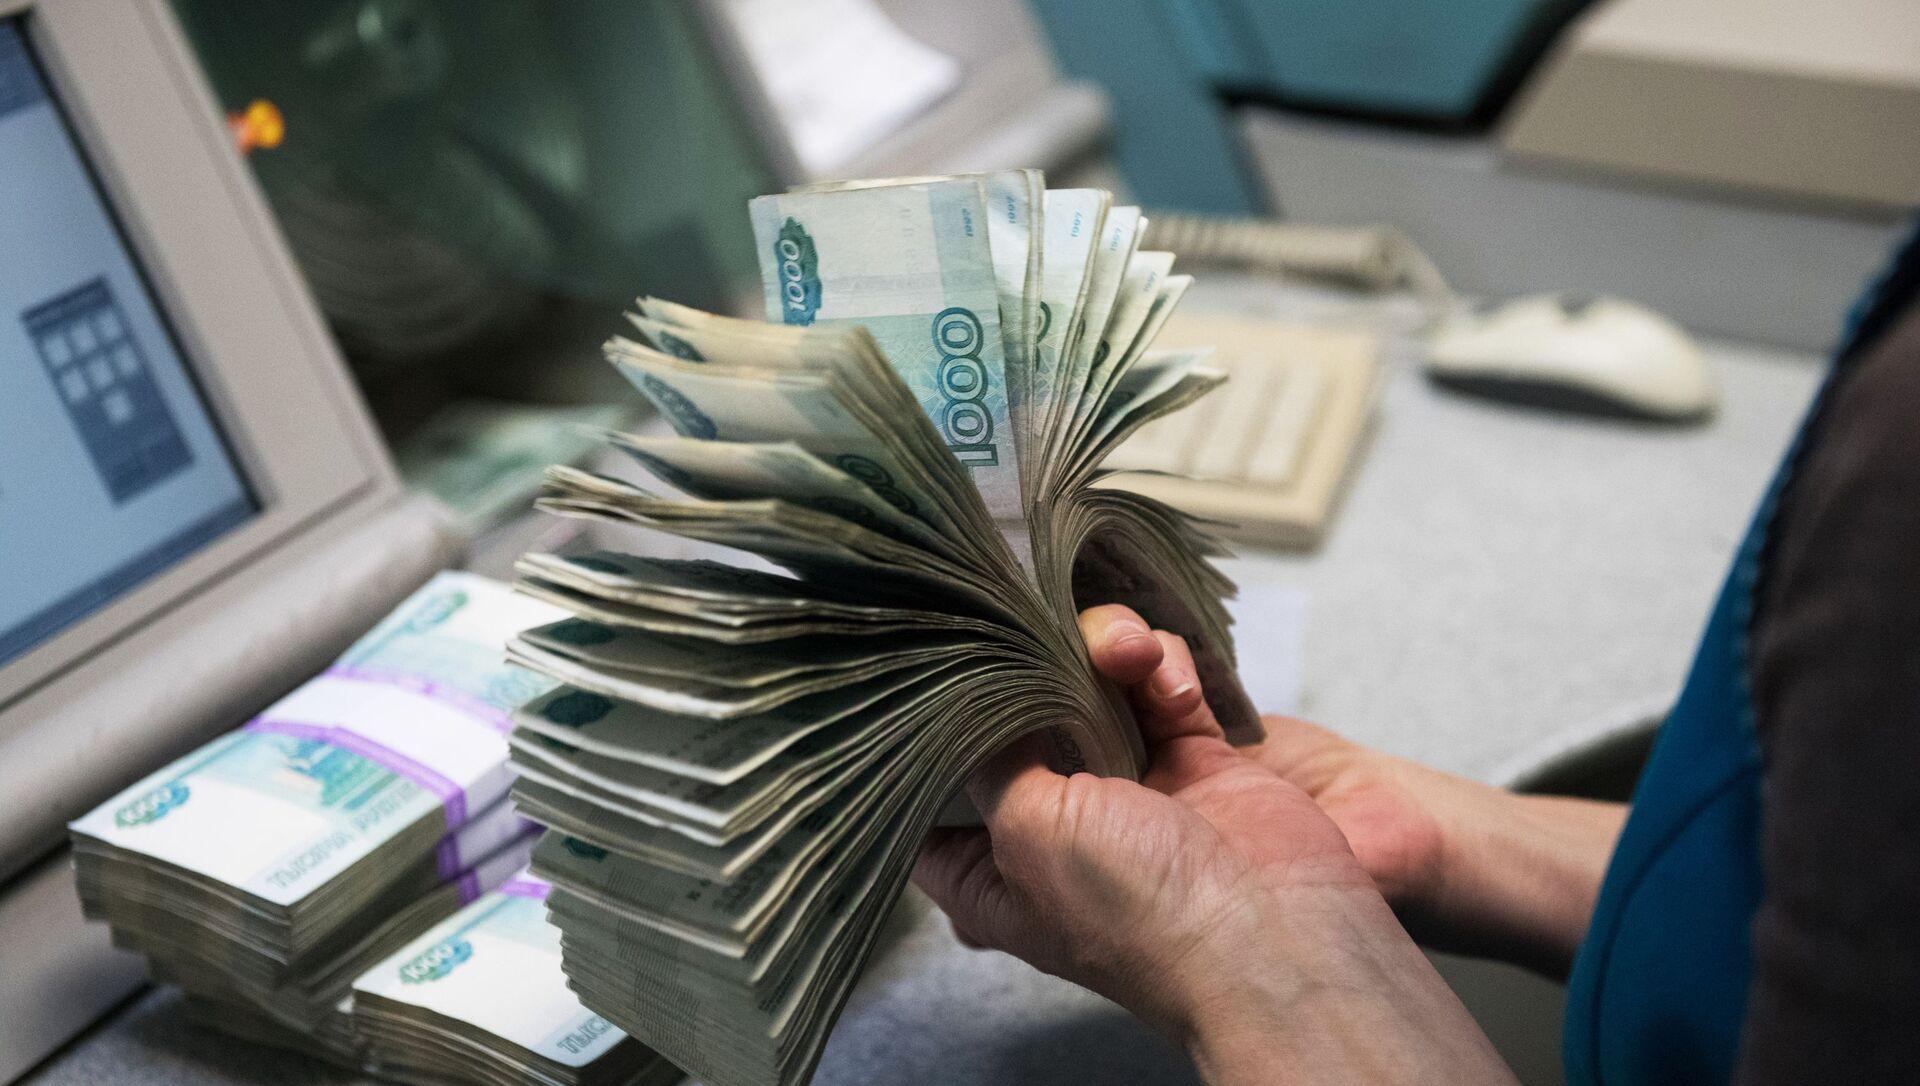 Банкноты номиналом 1000 рублей во время счетно-сортировальных работ  - Sputnik Azərbaycan, 1920, 01.09.2021